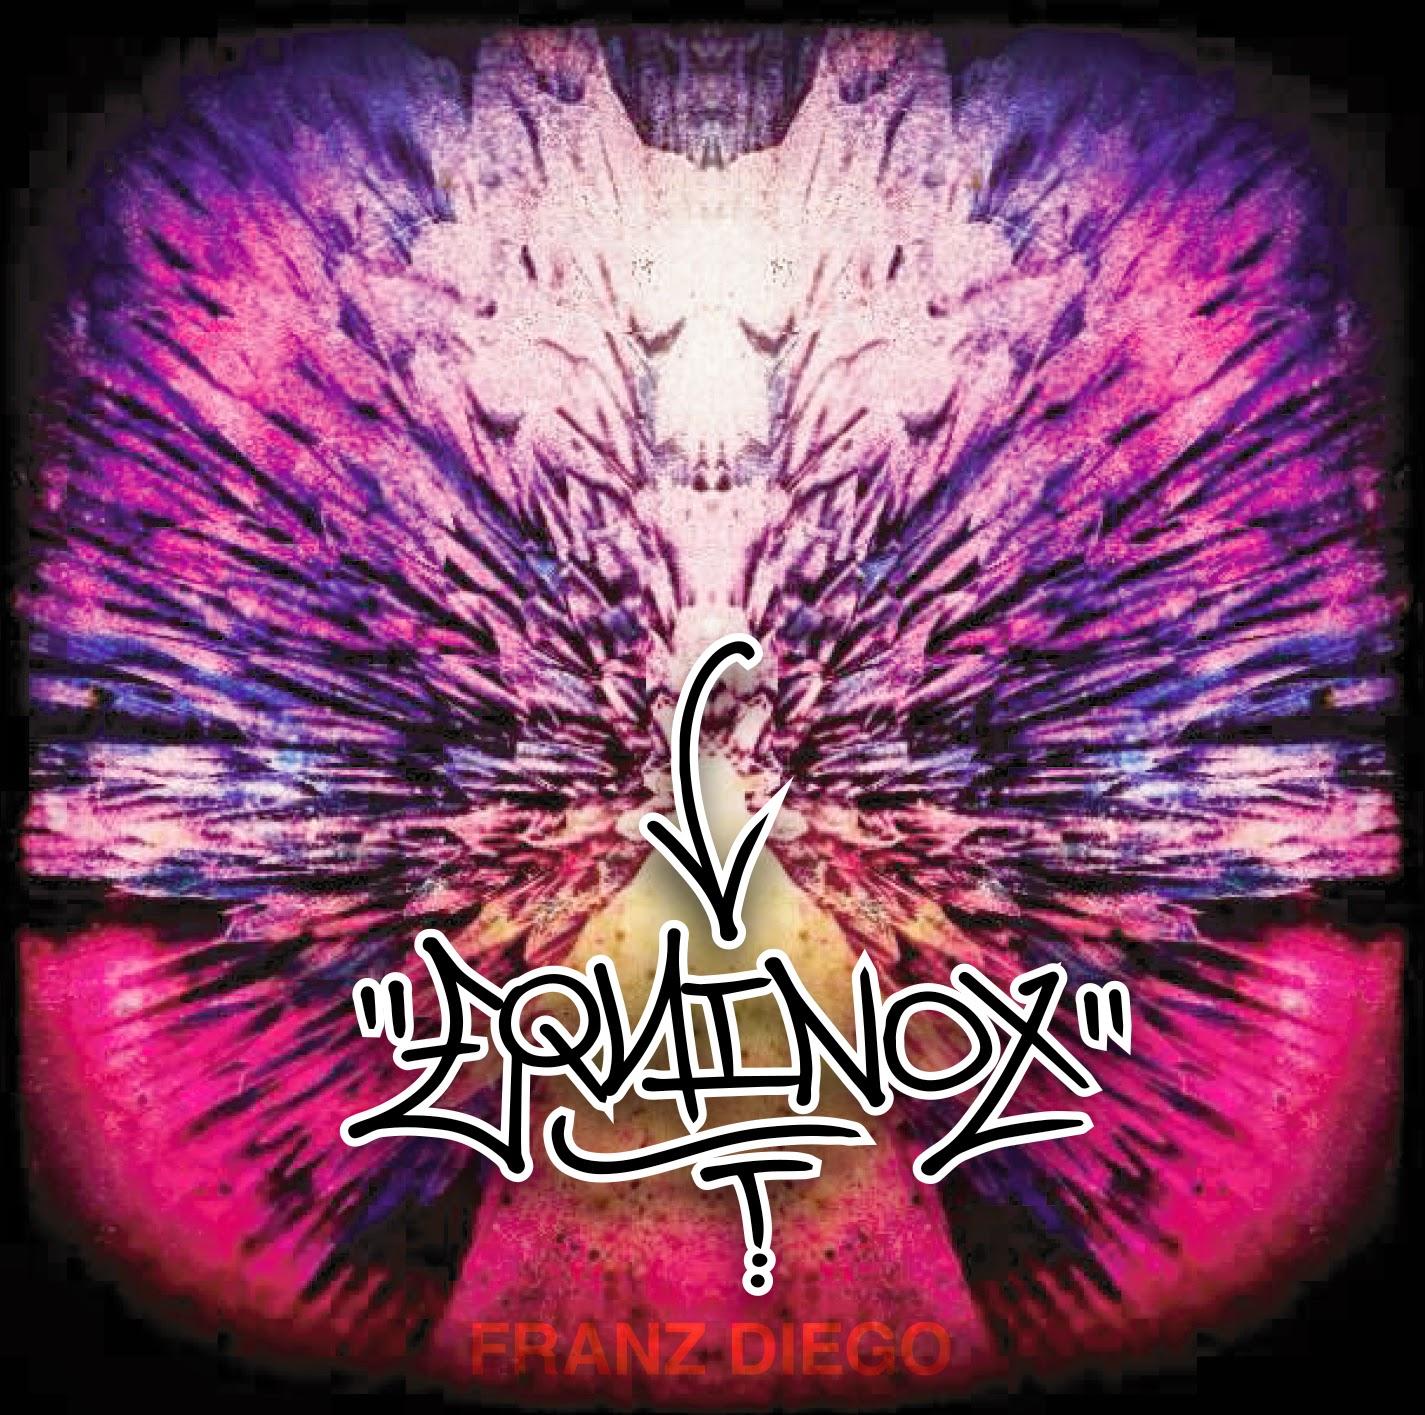 http://franzdiego.bandcamp.com/album/equinox-ep